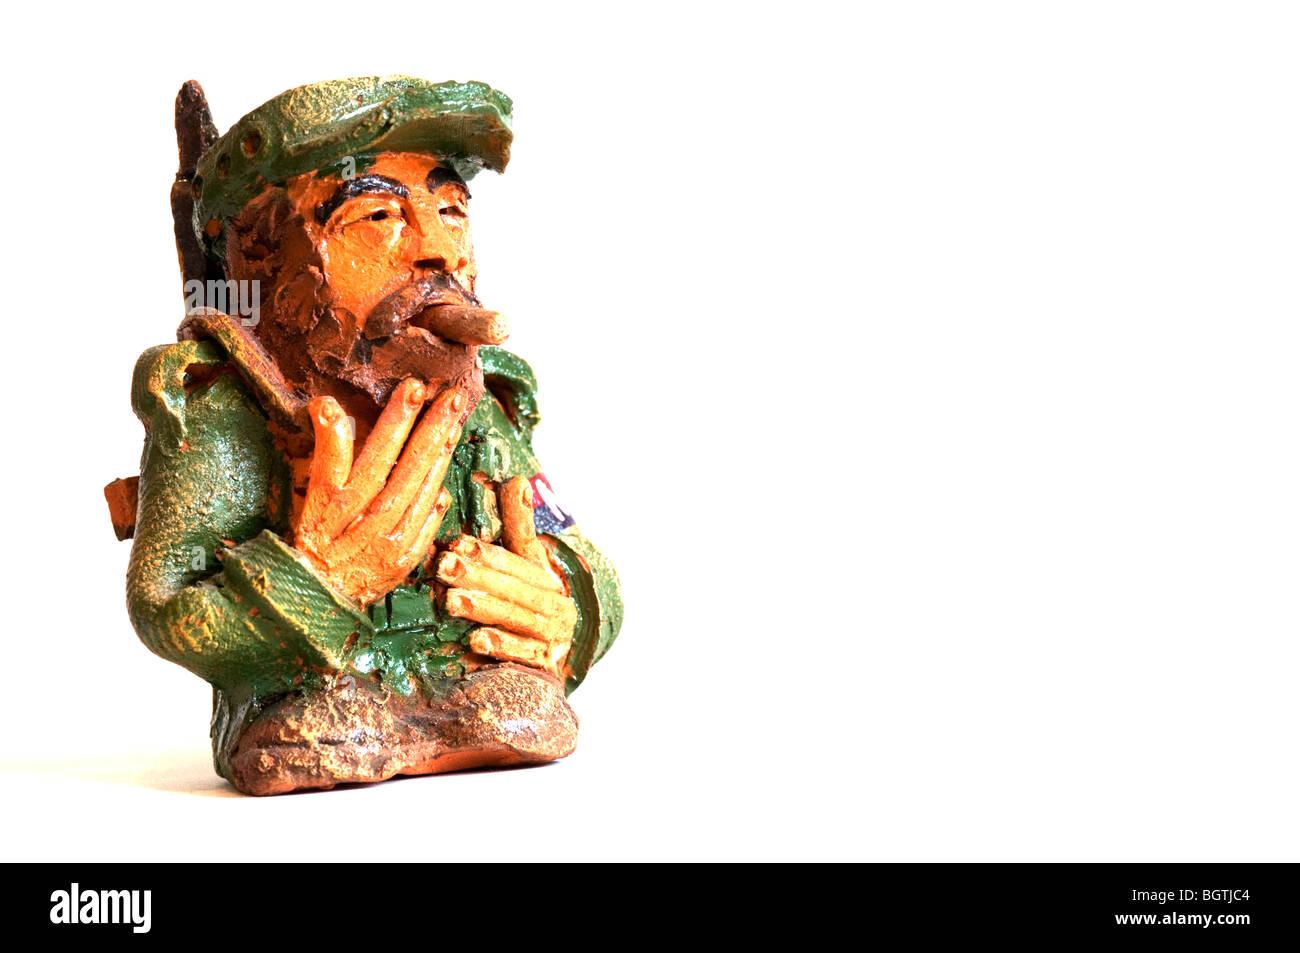 Tonfigur von Fidel Castro Ruz Stockbild